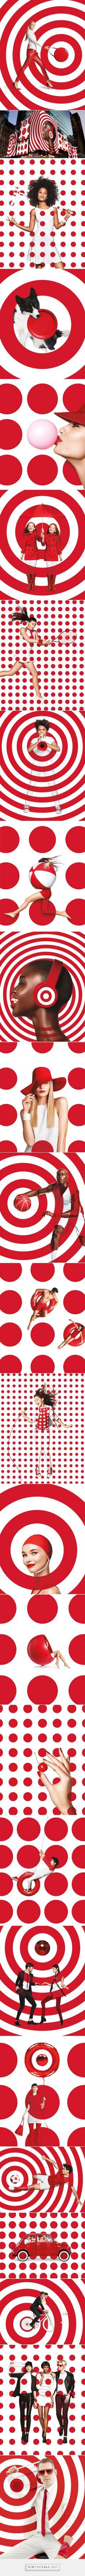 Target Branding 2015 - Allan Peters - created via http://pinthemall.net